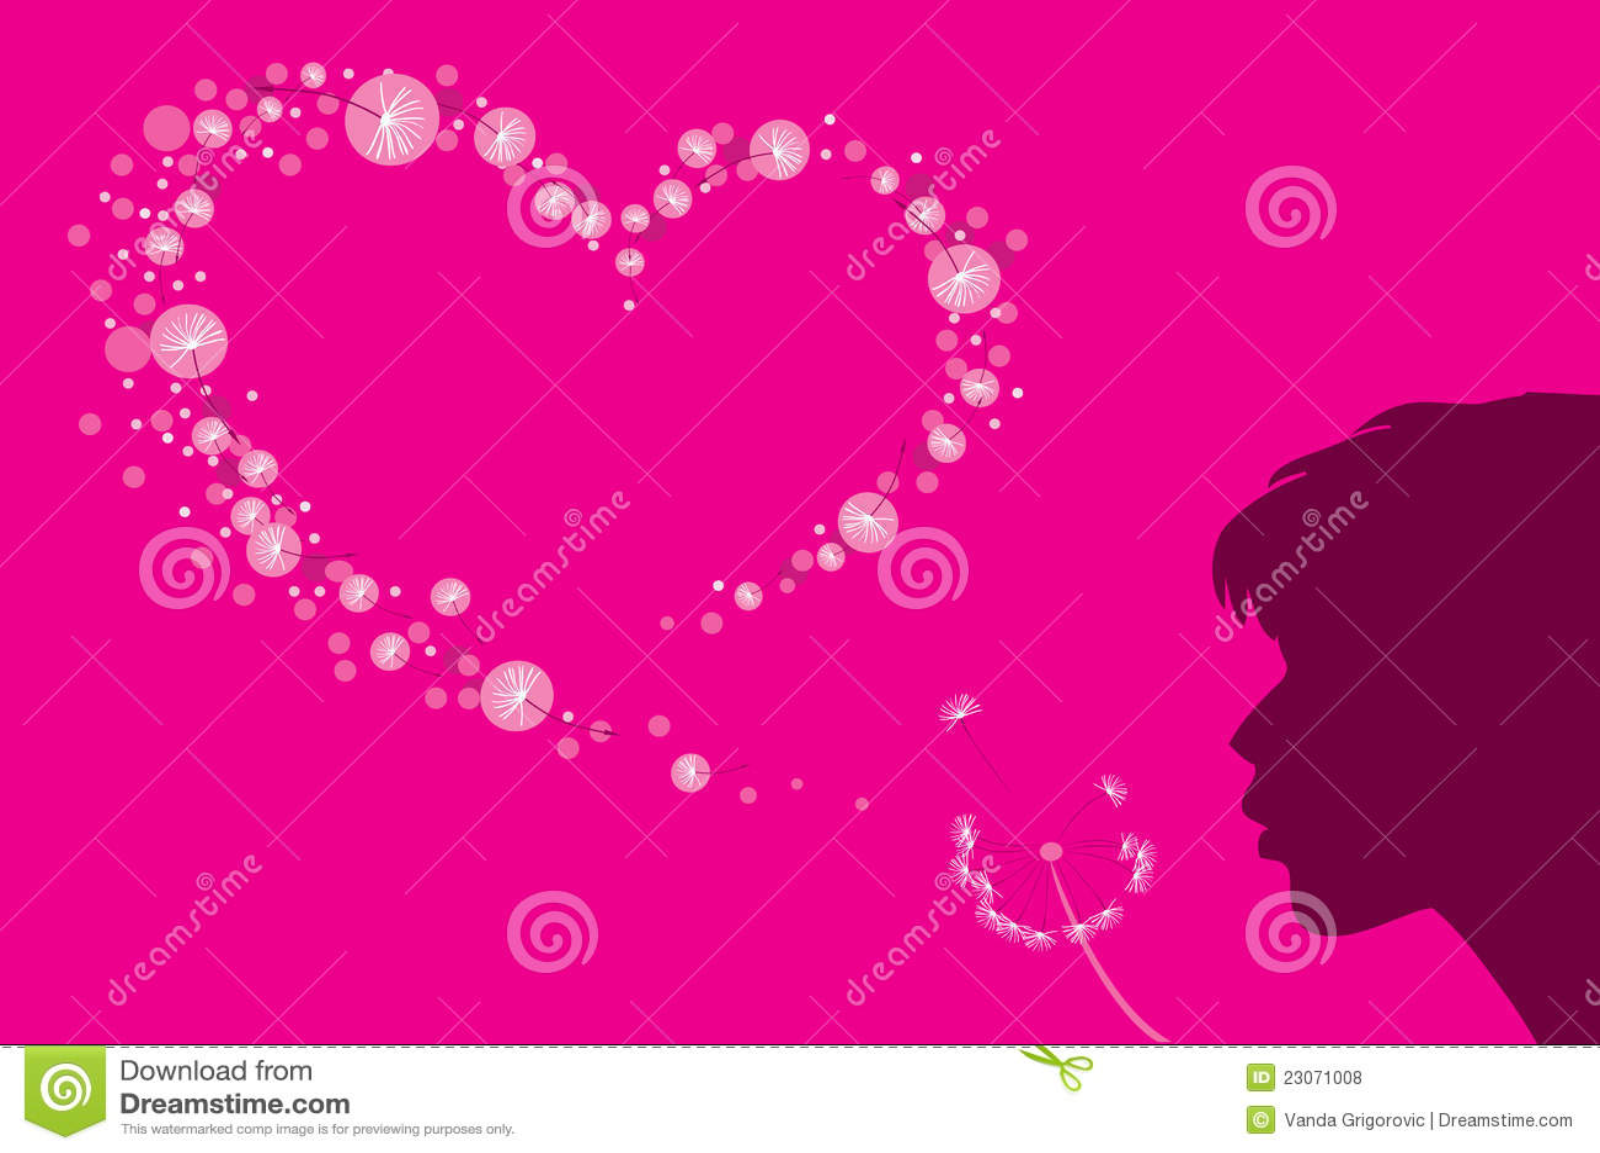 Heart shape of dandelion fluff